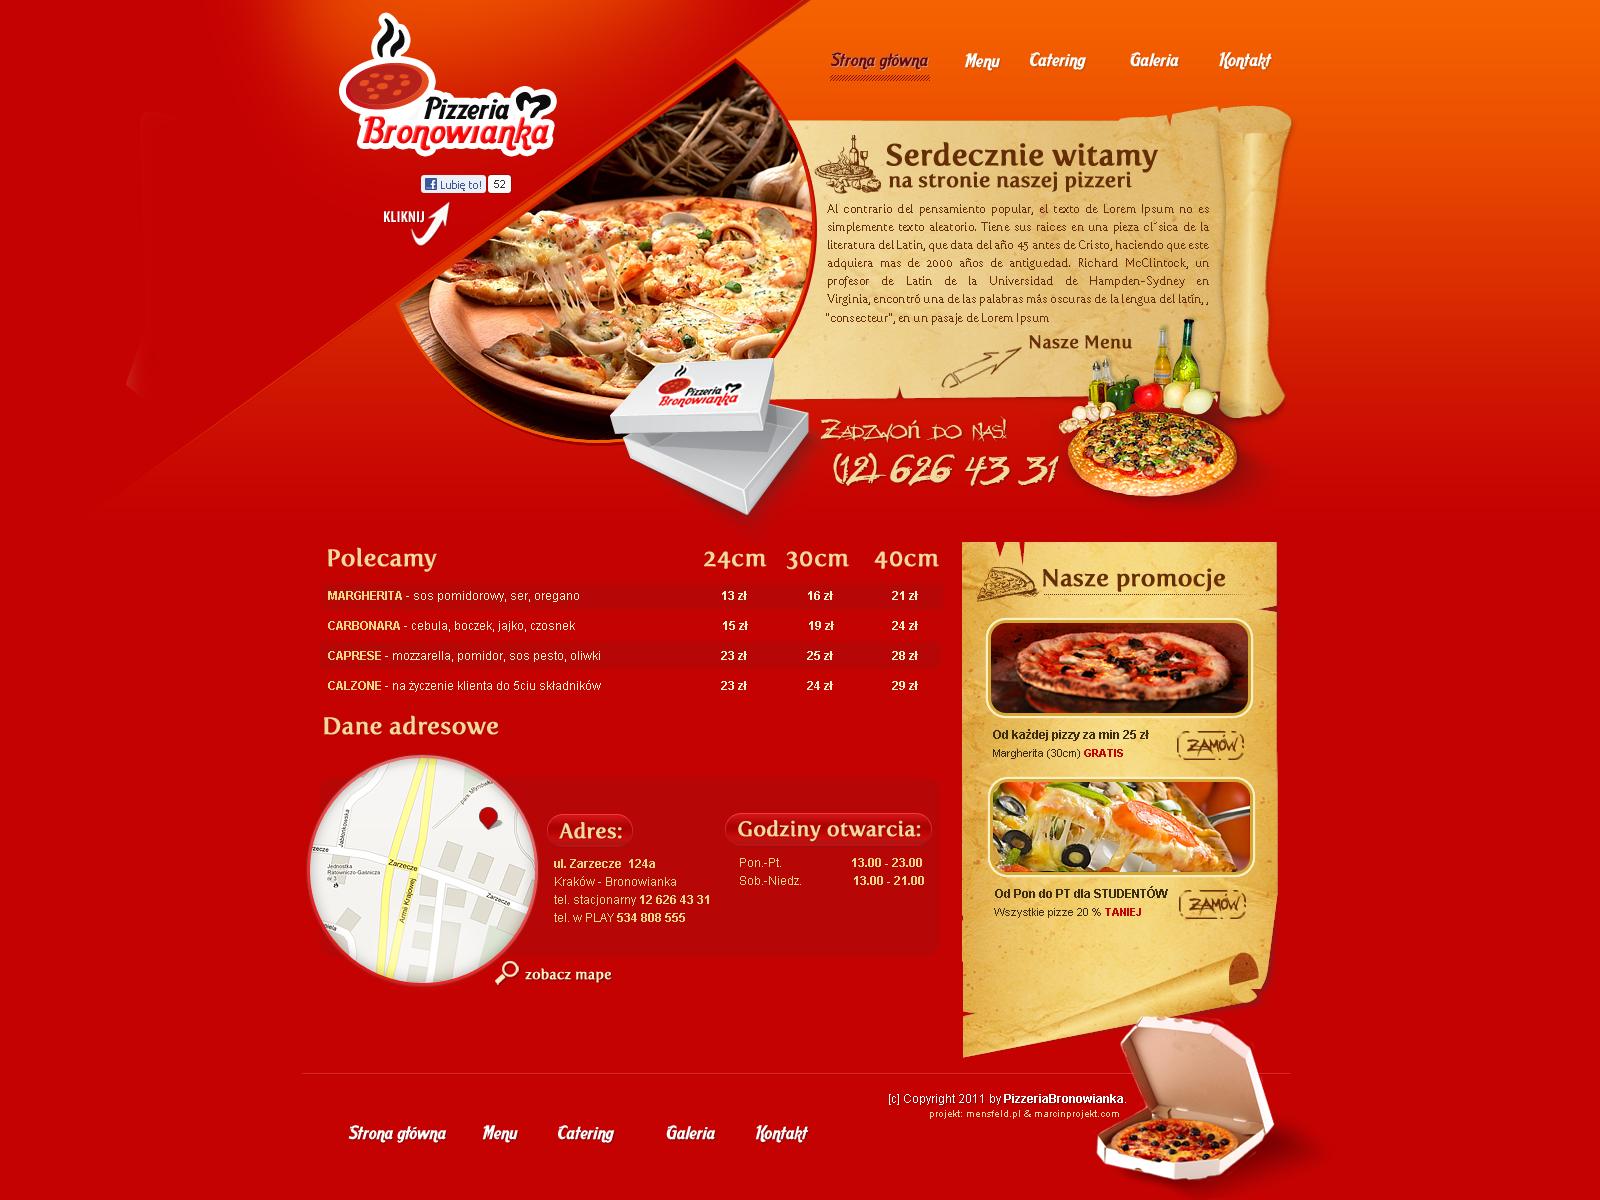 Pizza Bronowianka website by lukearoo